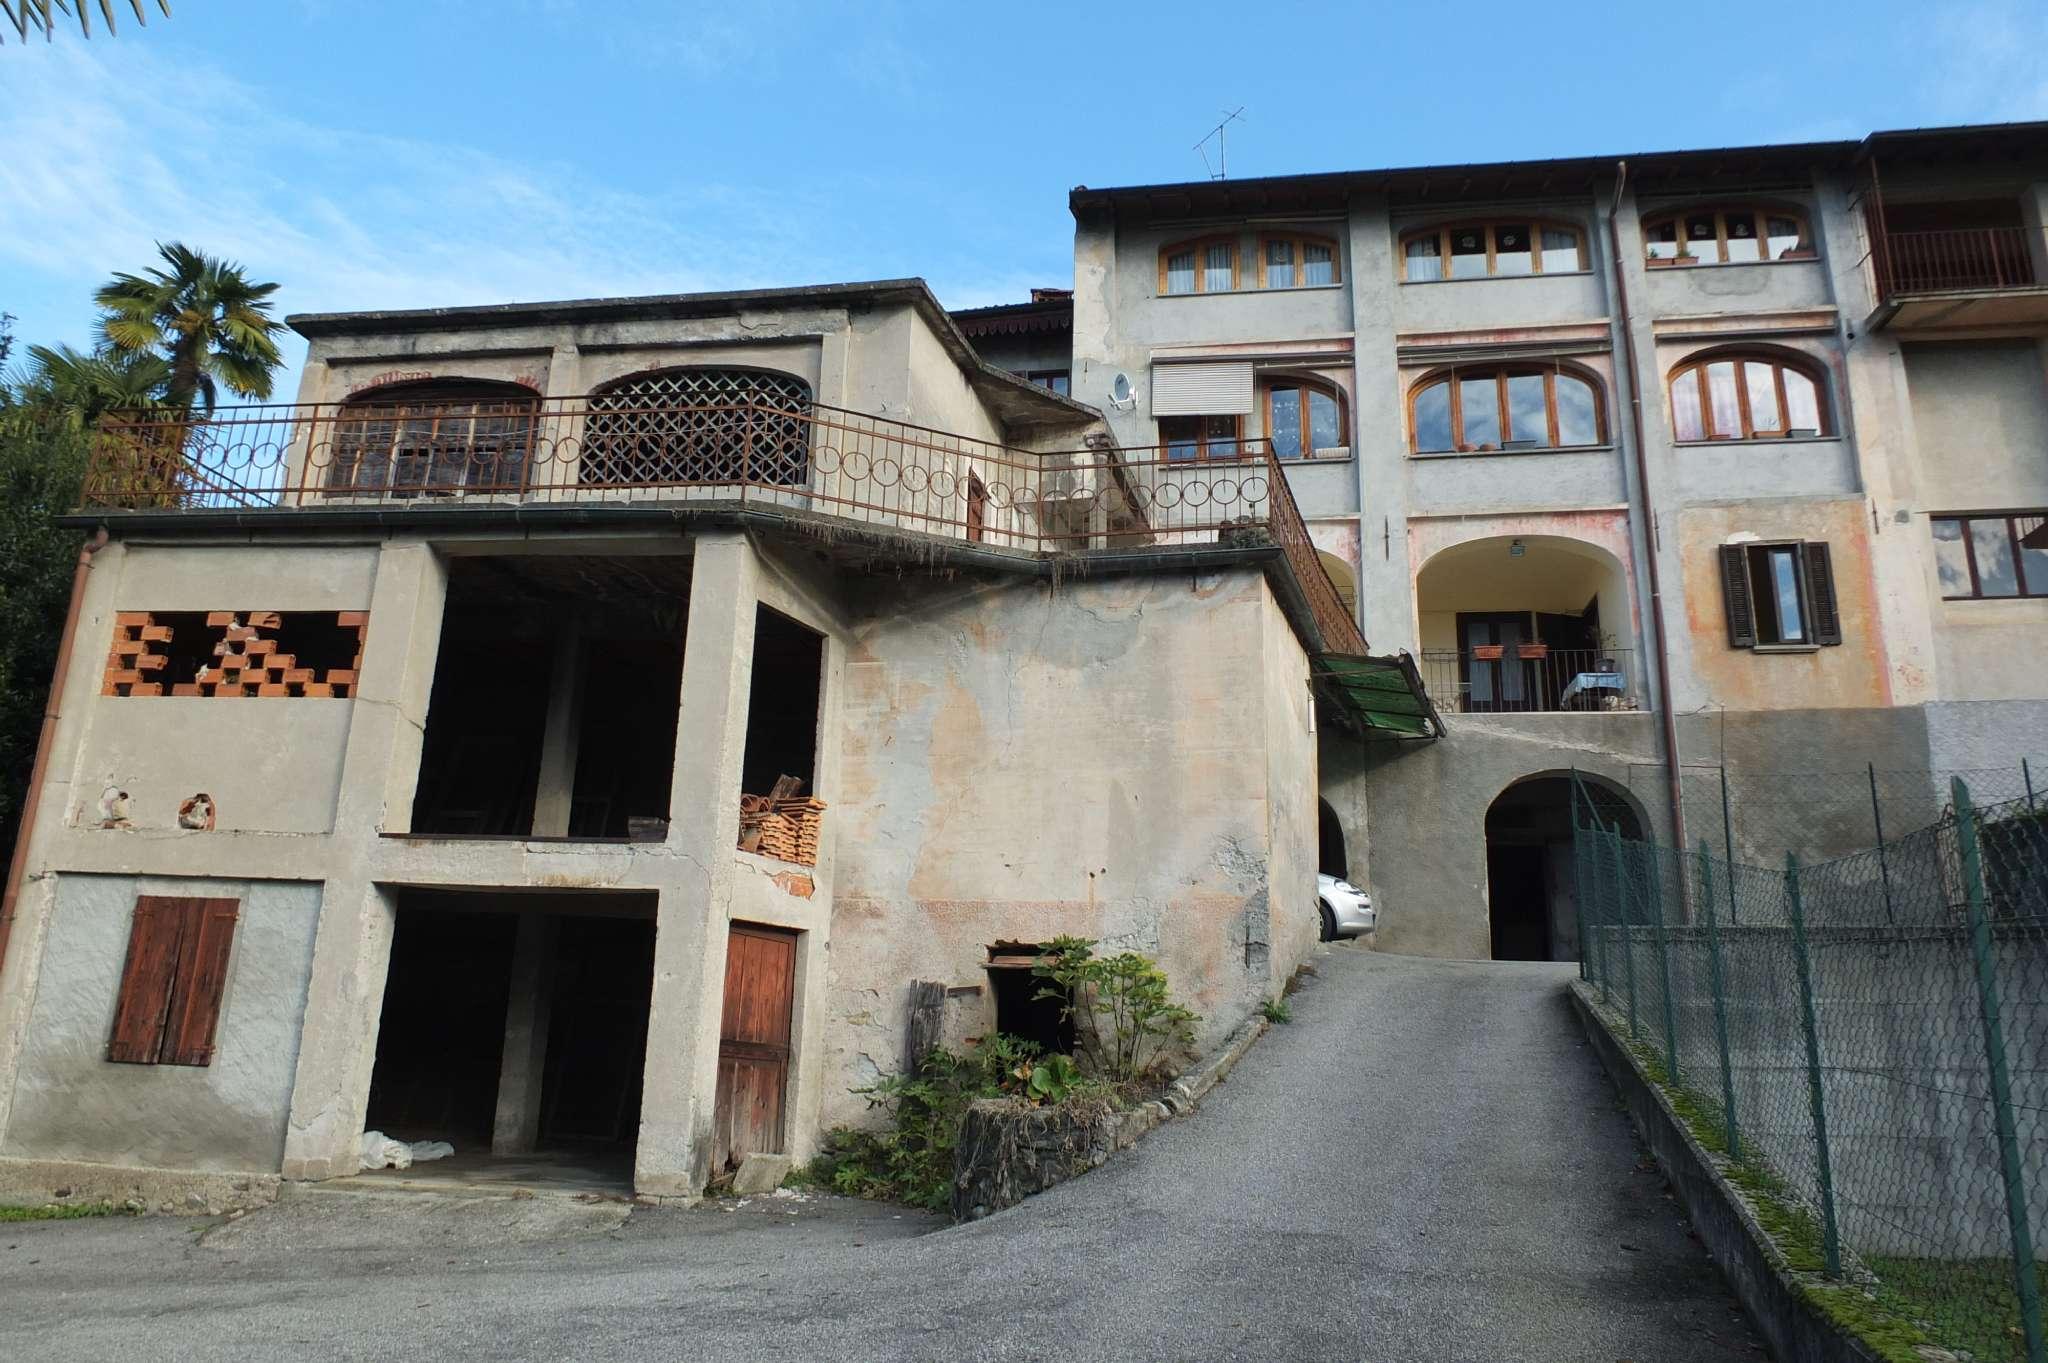 Soluzione Indipendente in vendita a Porto Valtravaglia, 8 locali, prezzo € 245.000 | CambioCasa.it